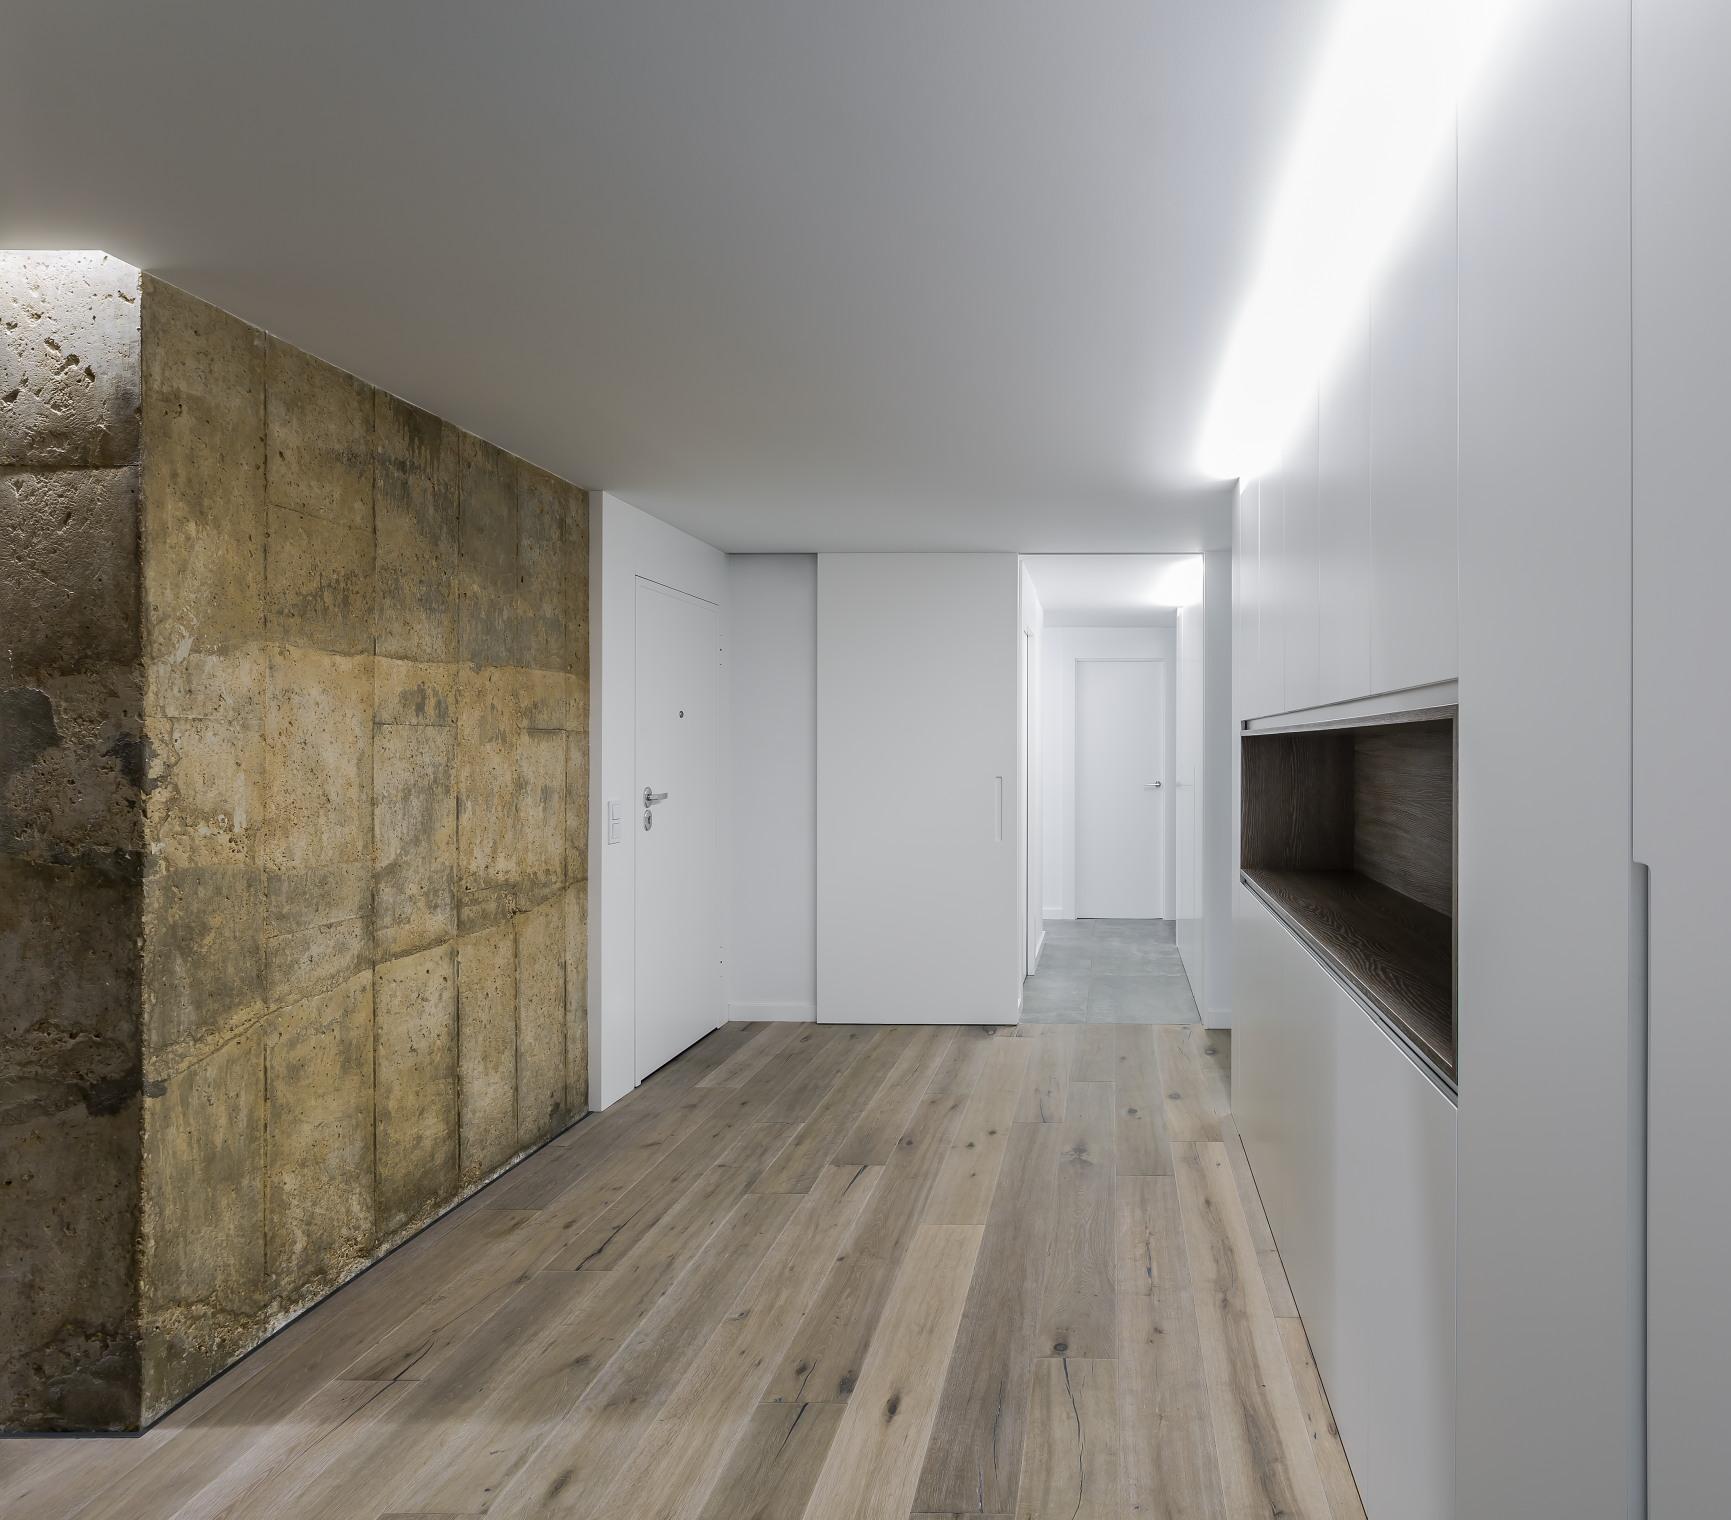 fotografia-arquitectura-valencia-german-cabo-ambau-gordillo (1)